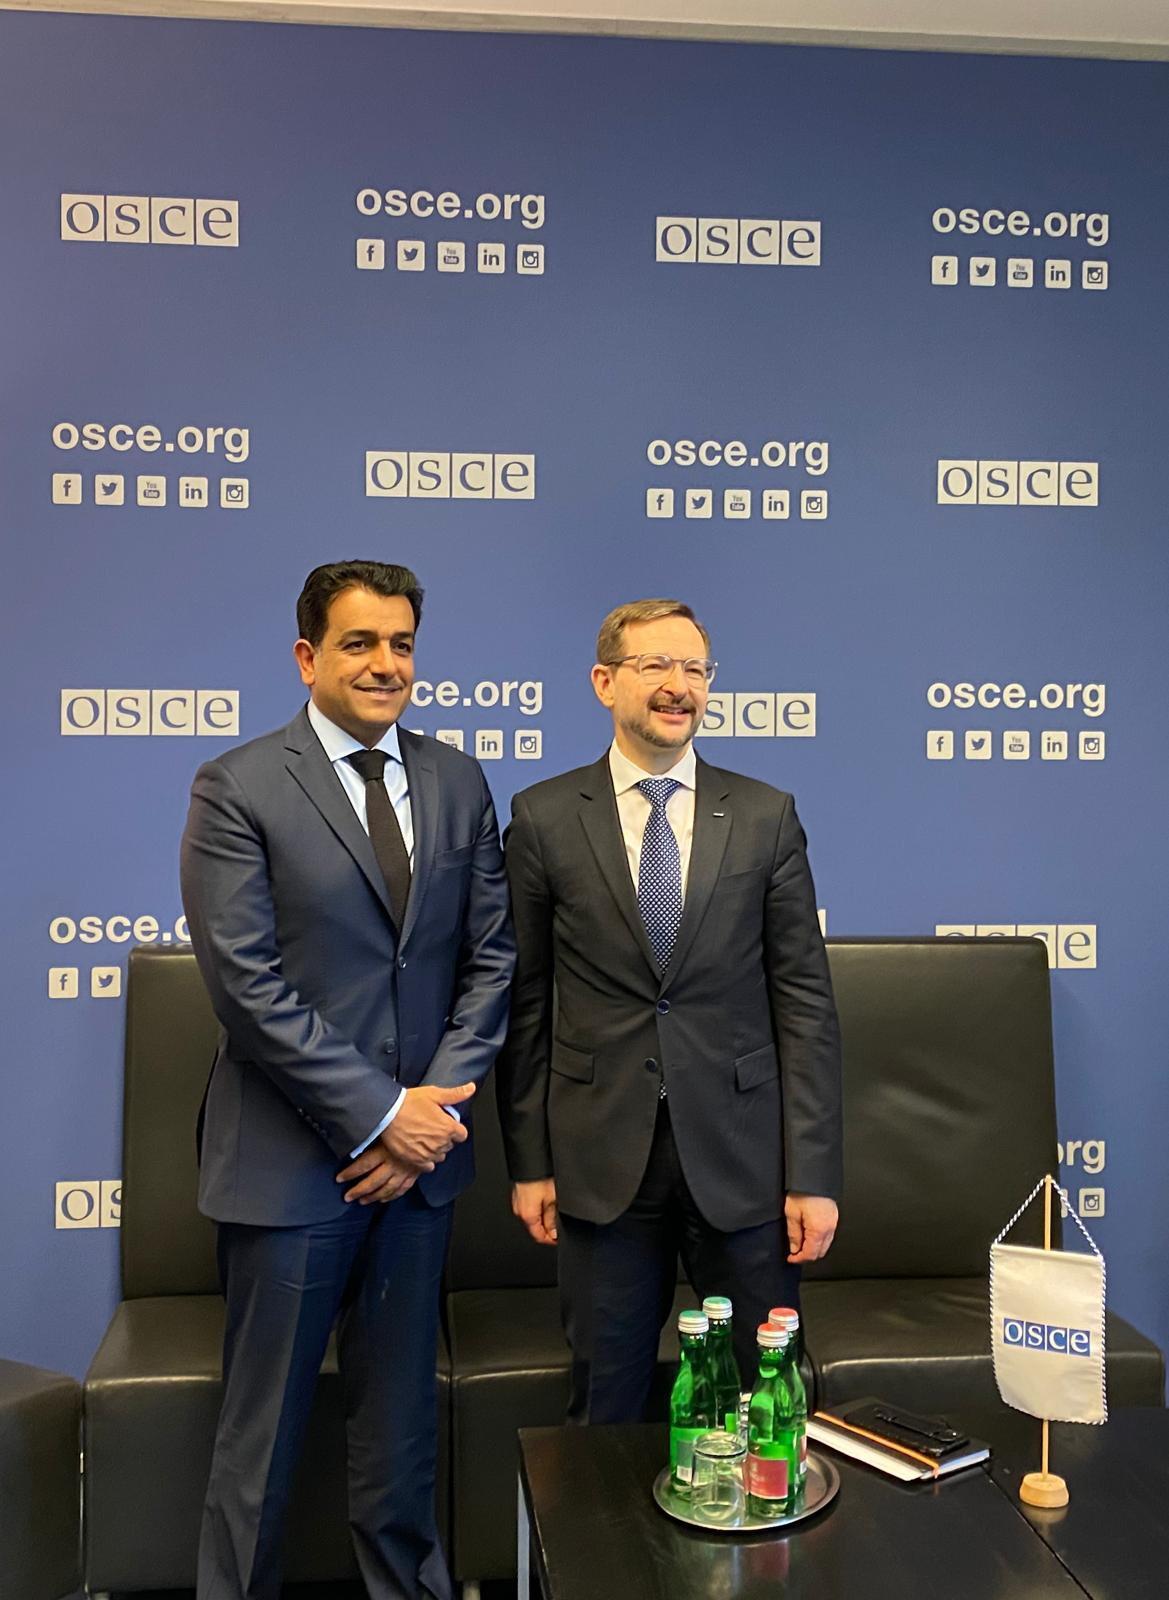 المبعوث الخاص لوزير الخارجية يلتقي السكرتير العام لمنظمة الأمن والتعاون في أوروبا